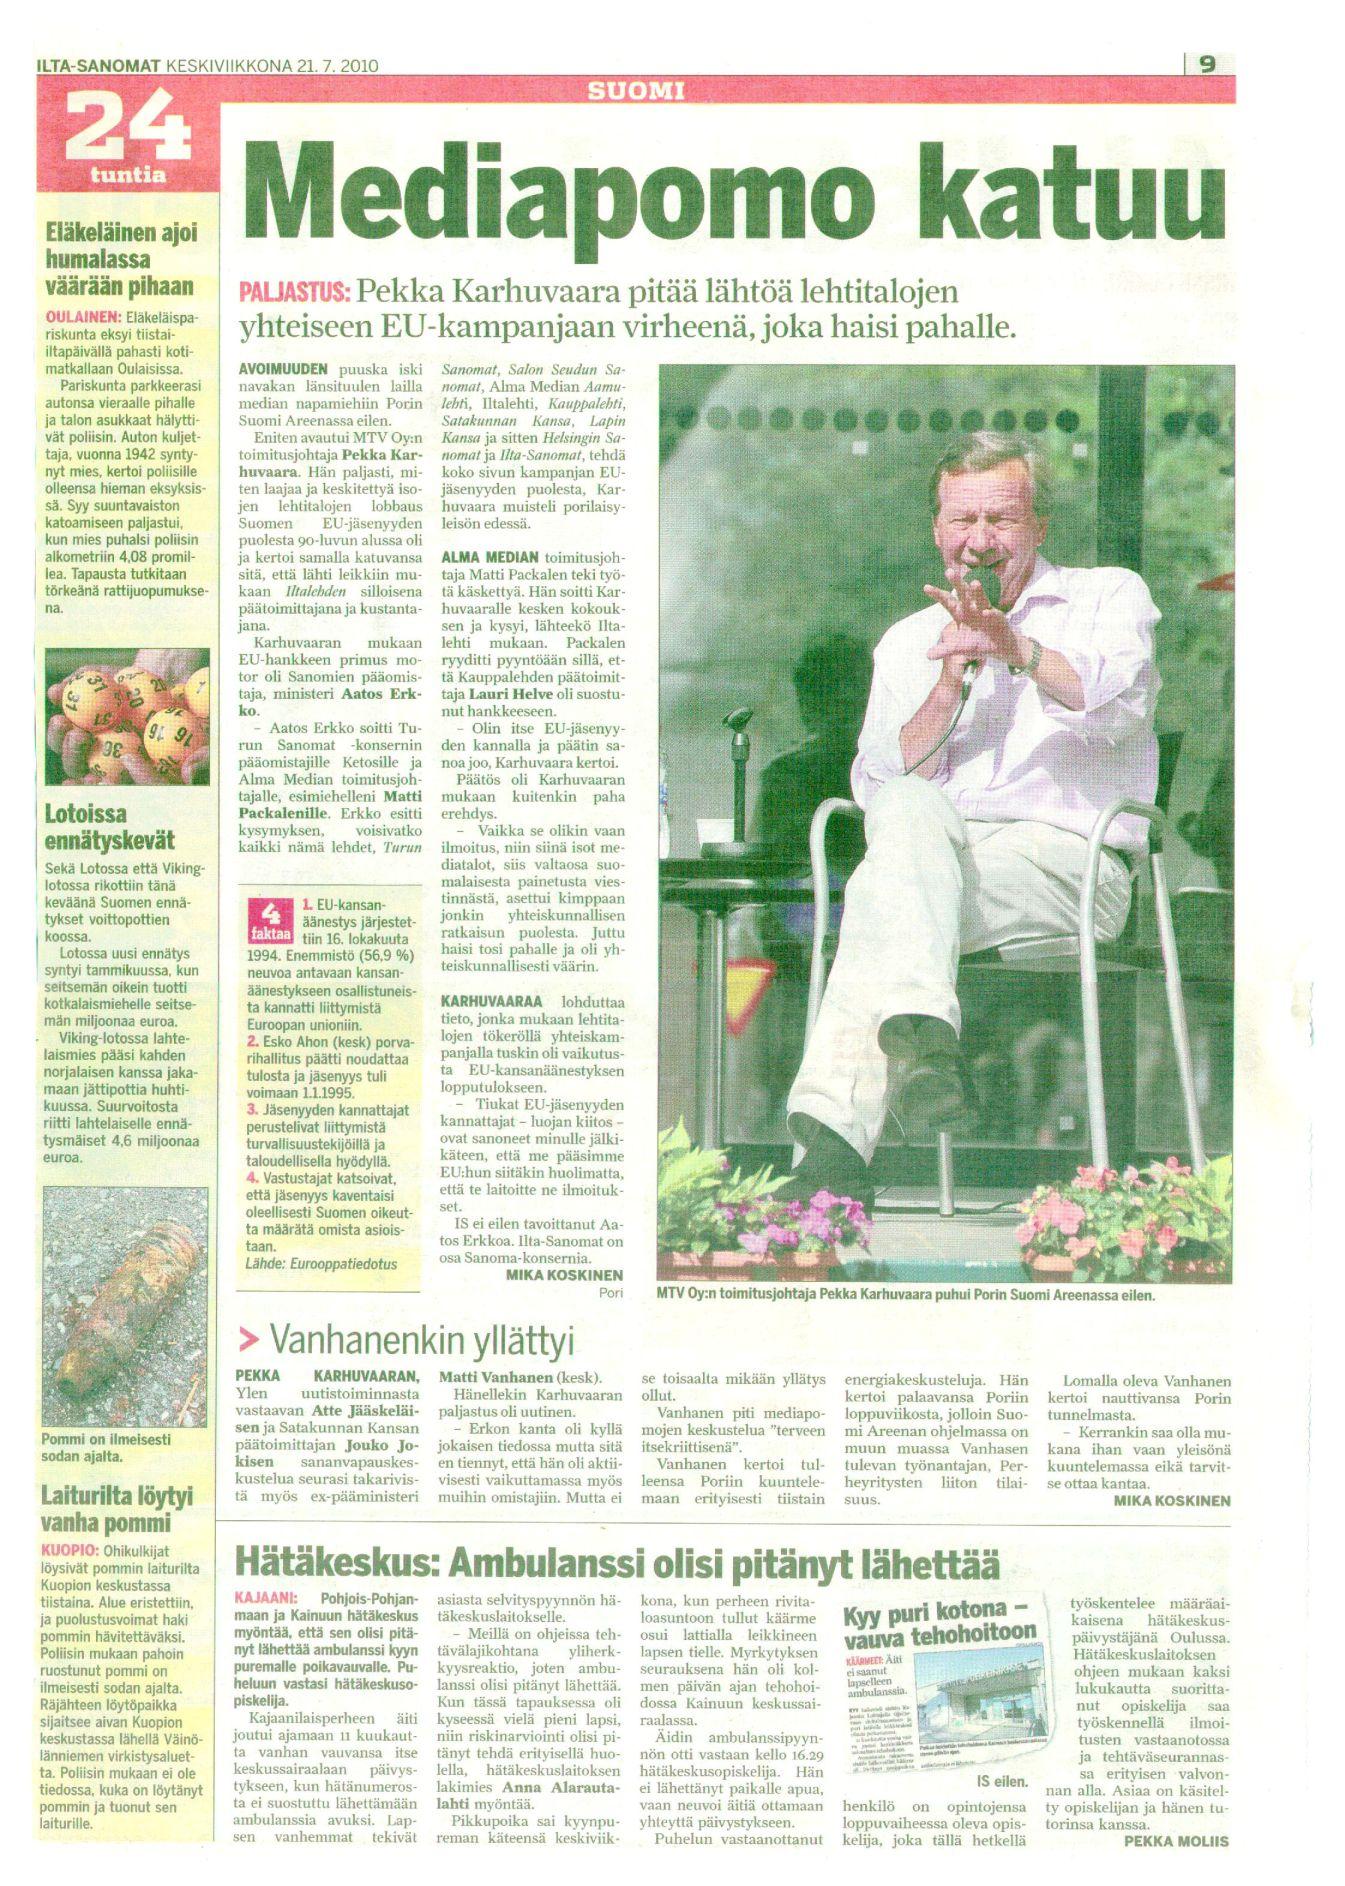 Sananvapaus Iltasanomat 21072010_Mediapomo katuu_3